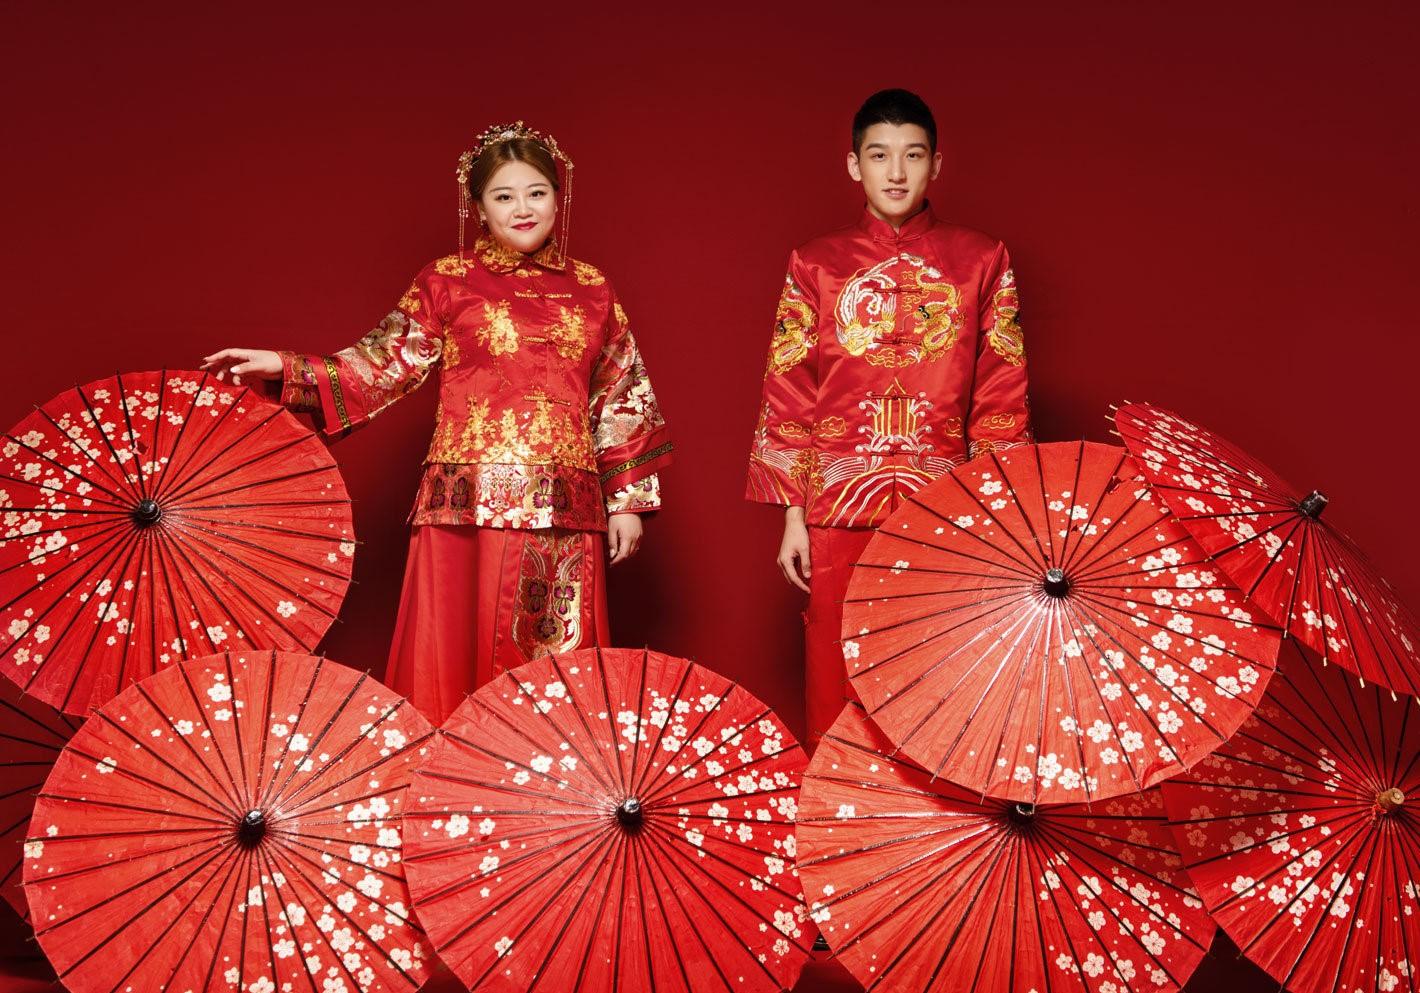 Cặp đôi đũa lệch nổi tiếng nhất Trung Quốc đã chính thức về chung một nhà: Anh muốn cho em một đời hạnh phúc! - Ảnh 8.